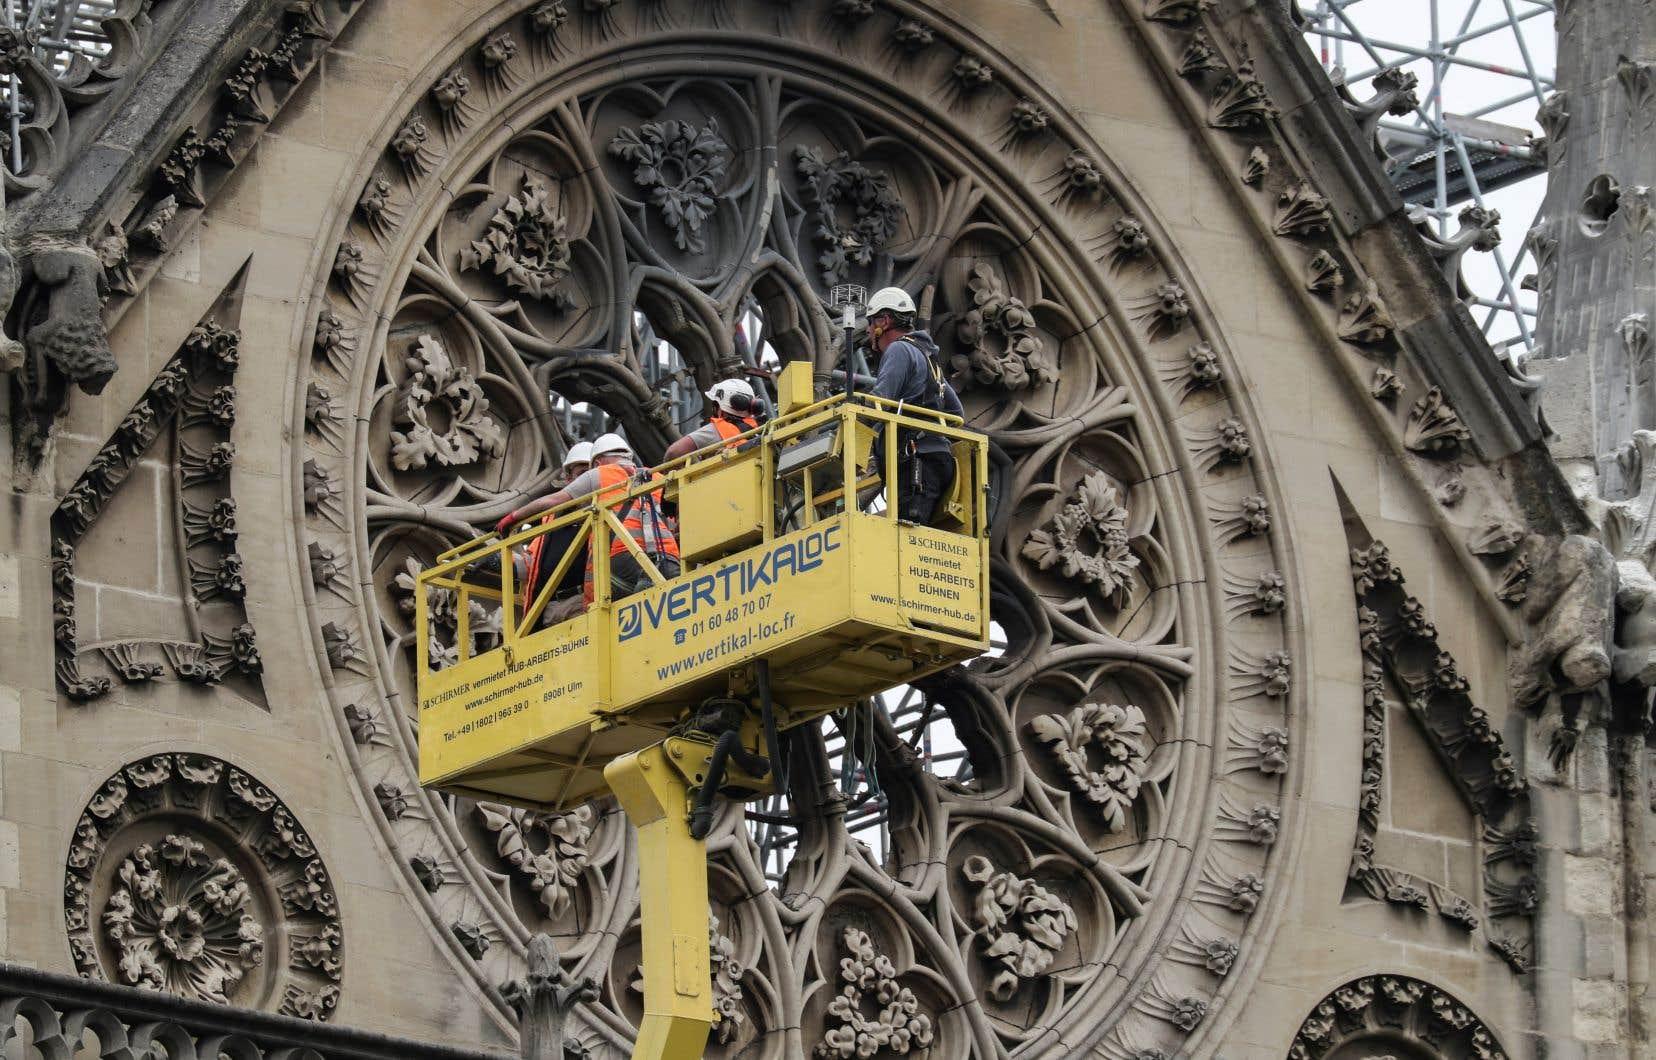 Des techniciens travaillent sur la cathédrale Notre-Dame de Paris le 23 avril dernier, une semaine après l'incendie qui a ravagé la cathédrale.